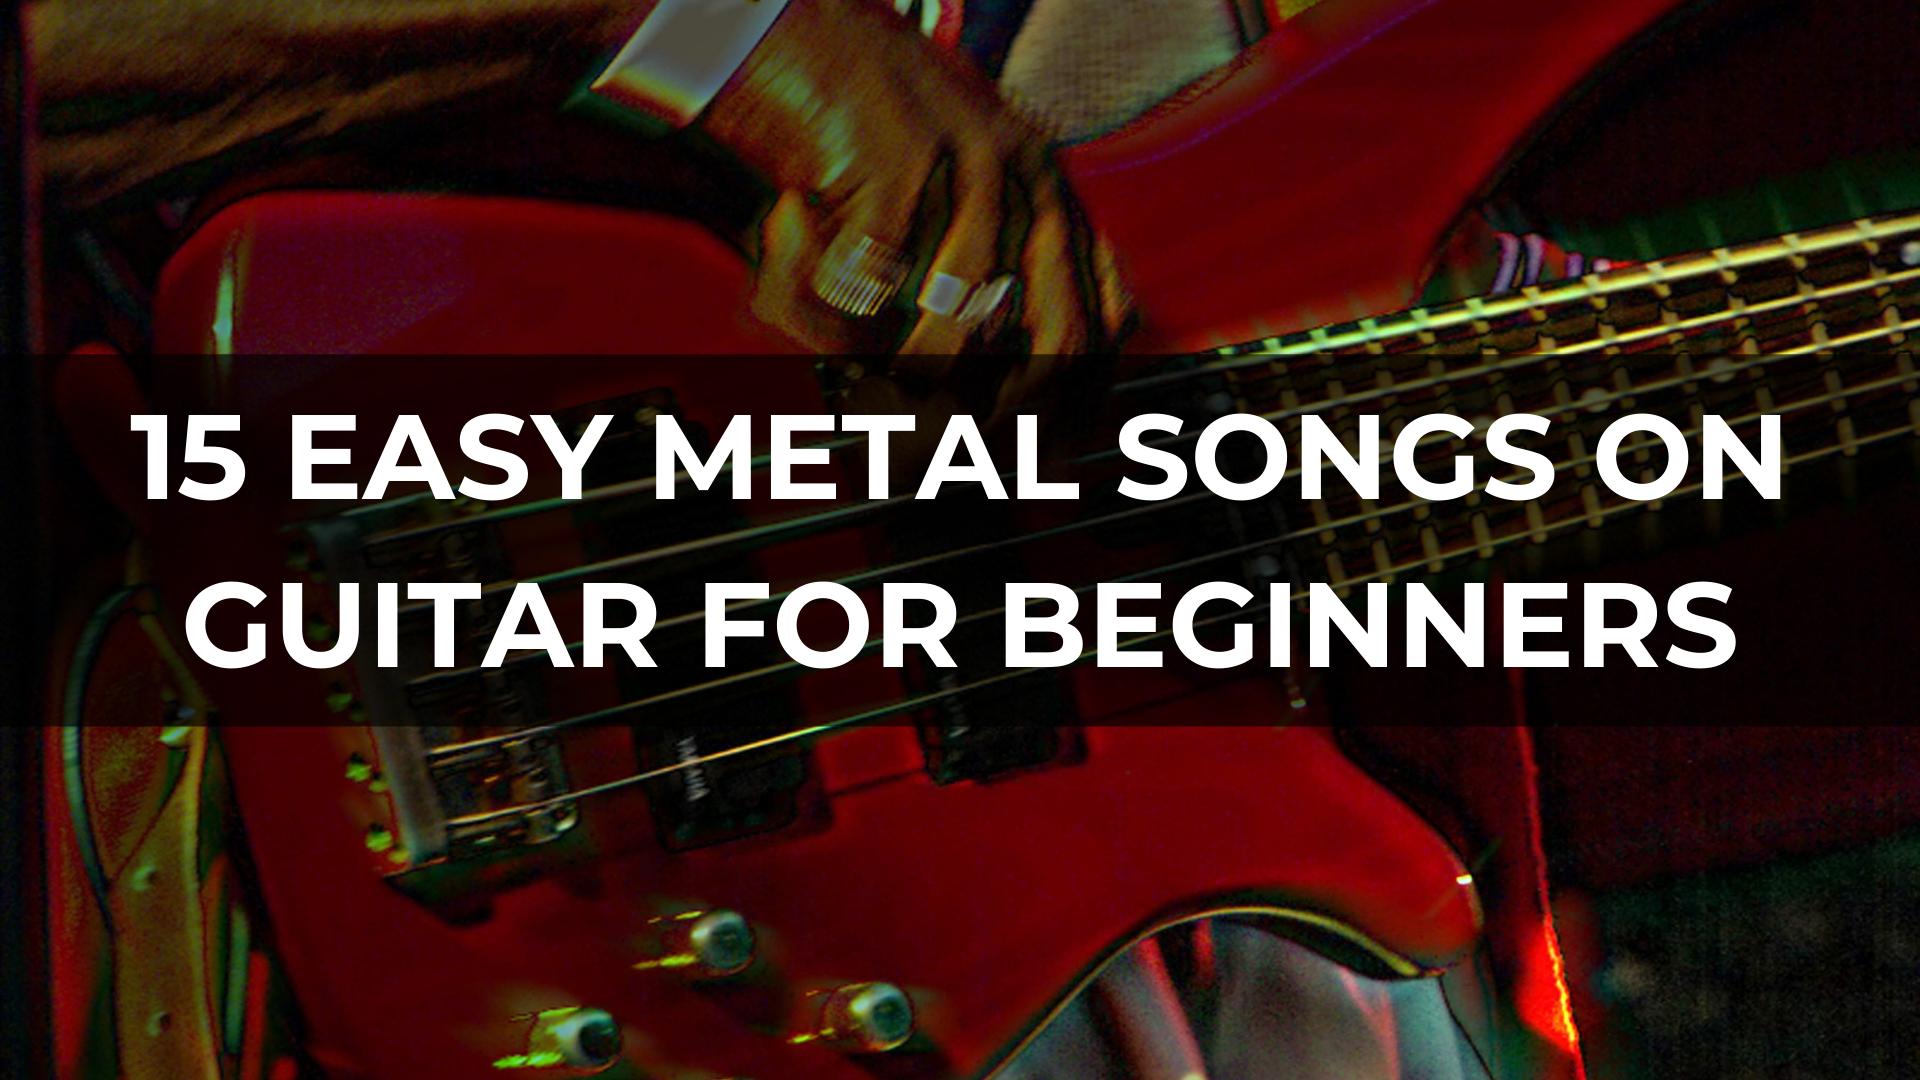 Easy Metal Songs on Guitar for Beginners